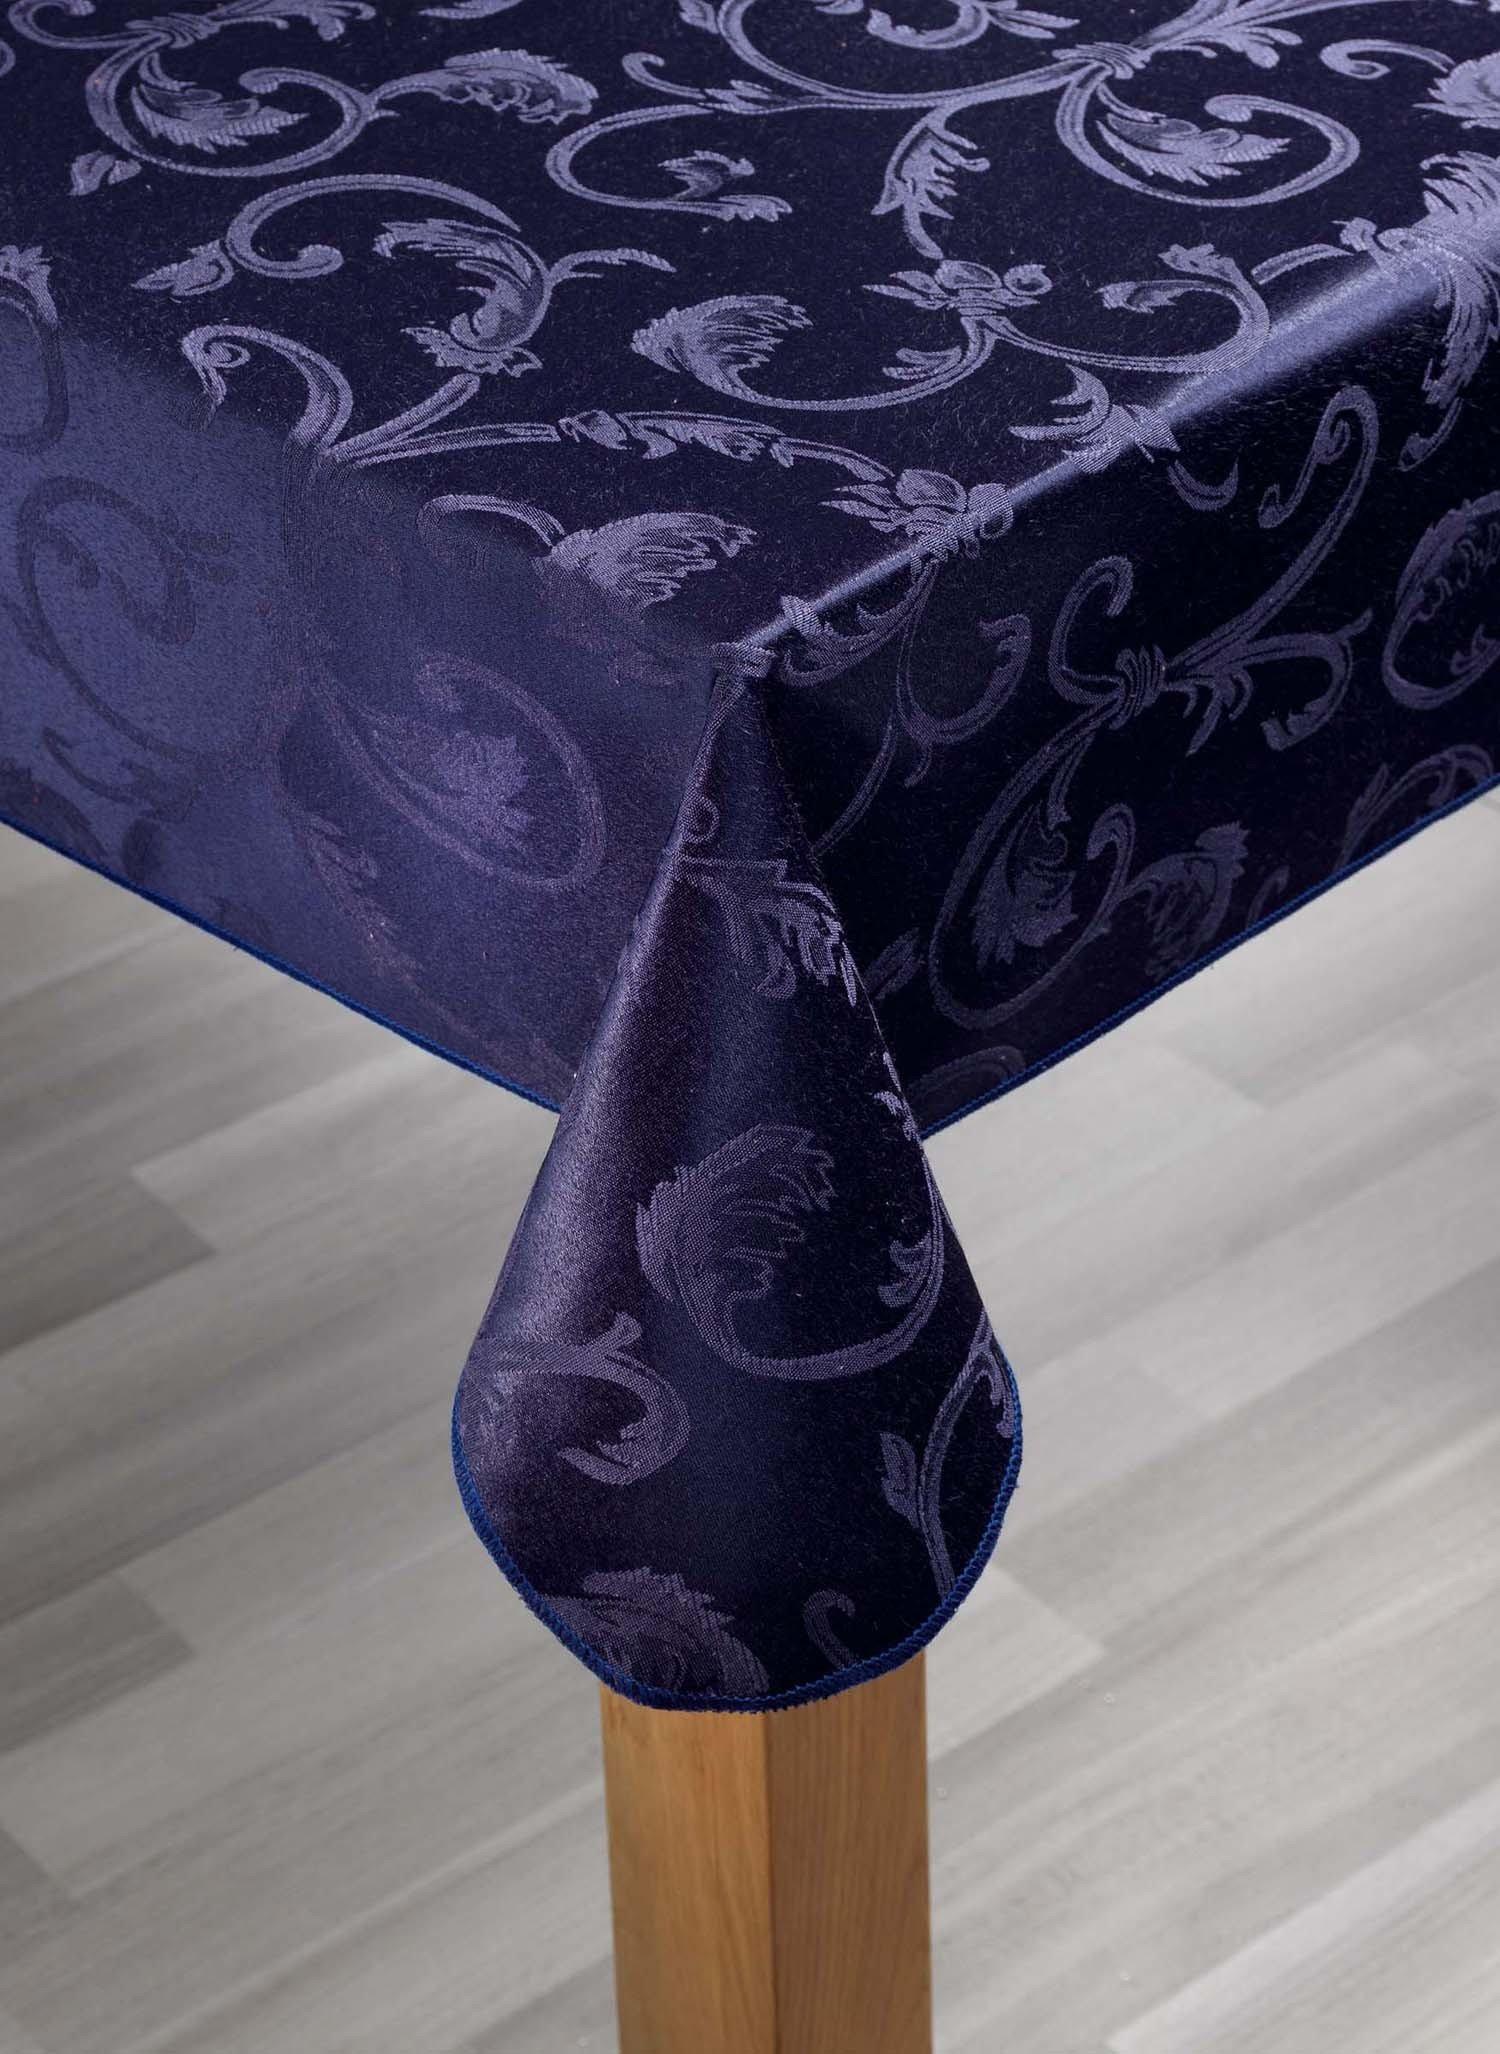 S-Tischd.Floral blau 140x180cm - 2 - Ronja.ch